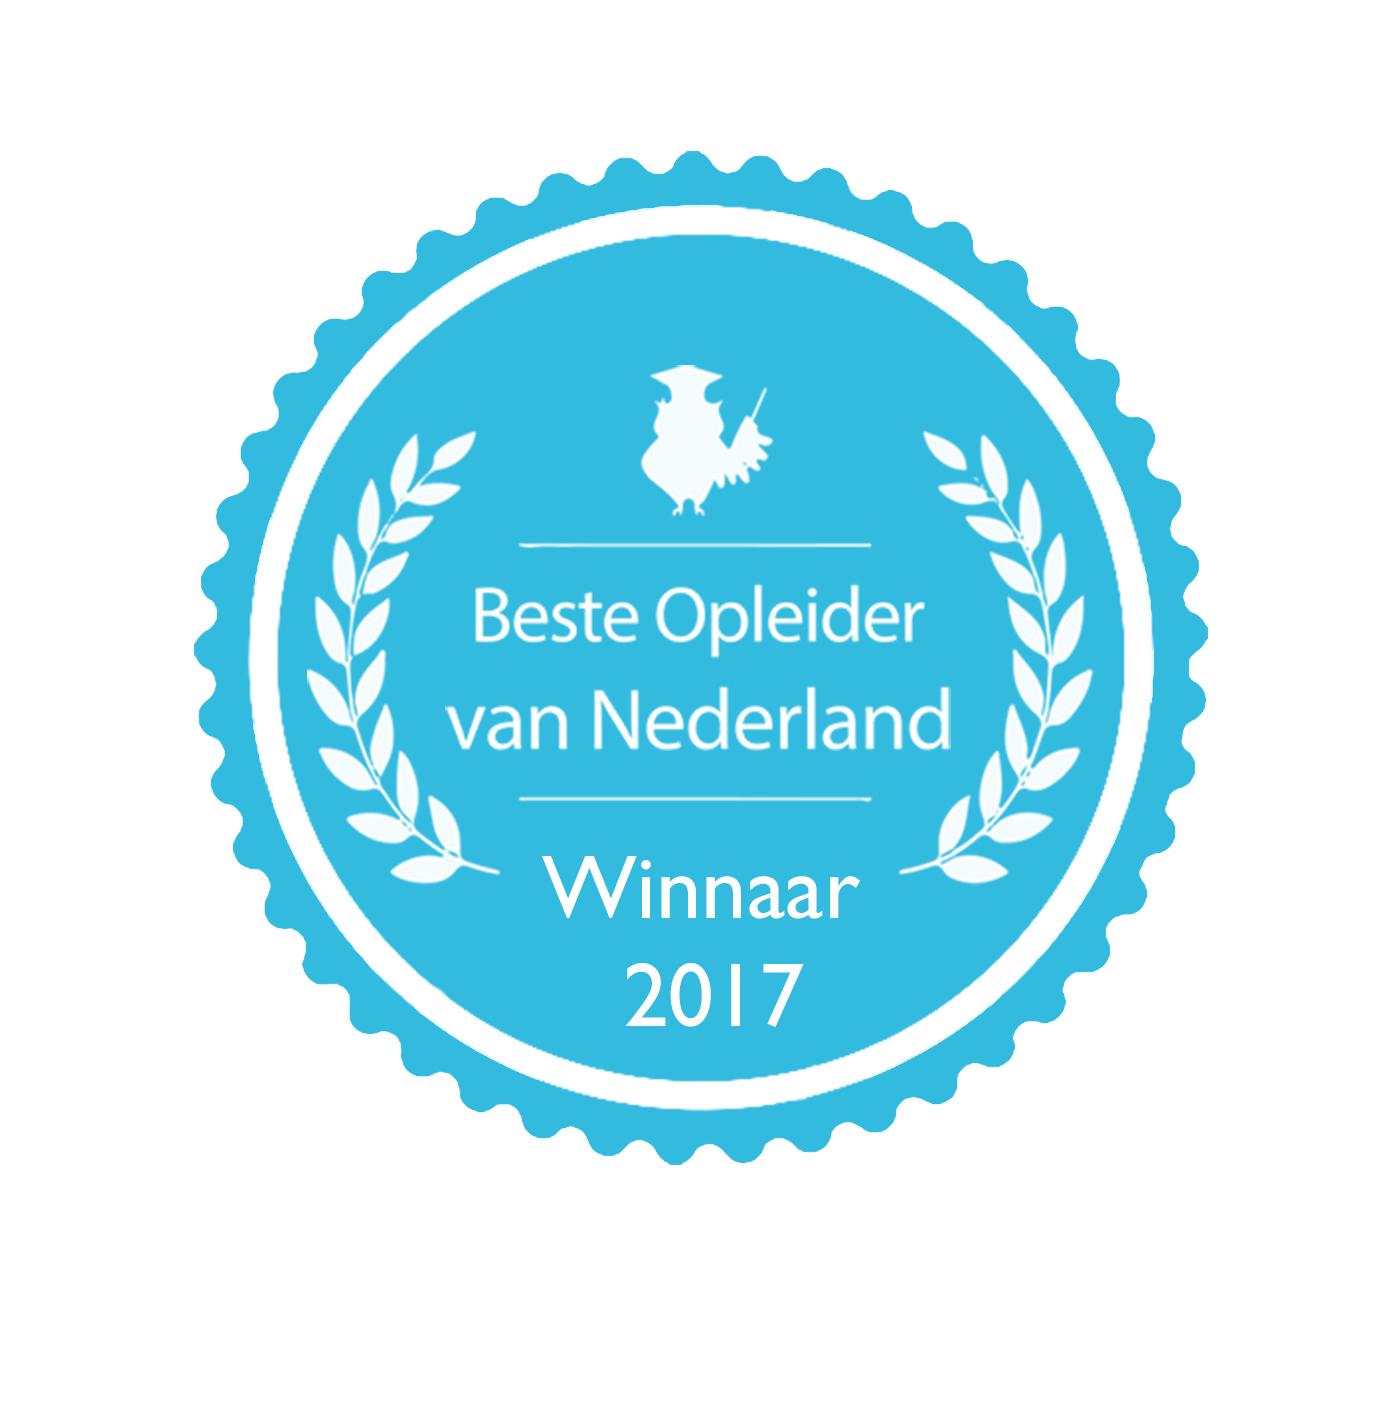 wordPres: Beste opleider va Nederland 2017